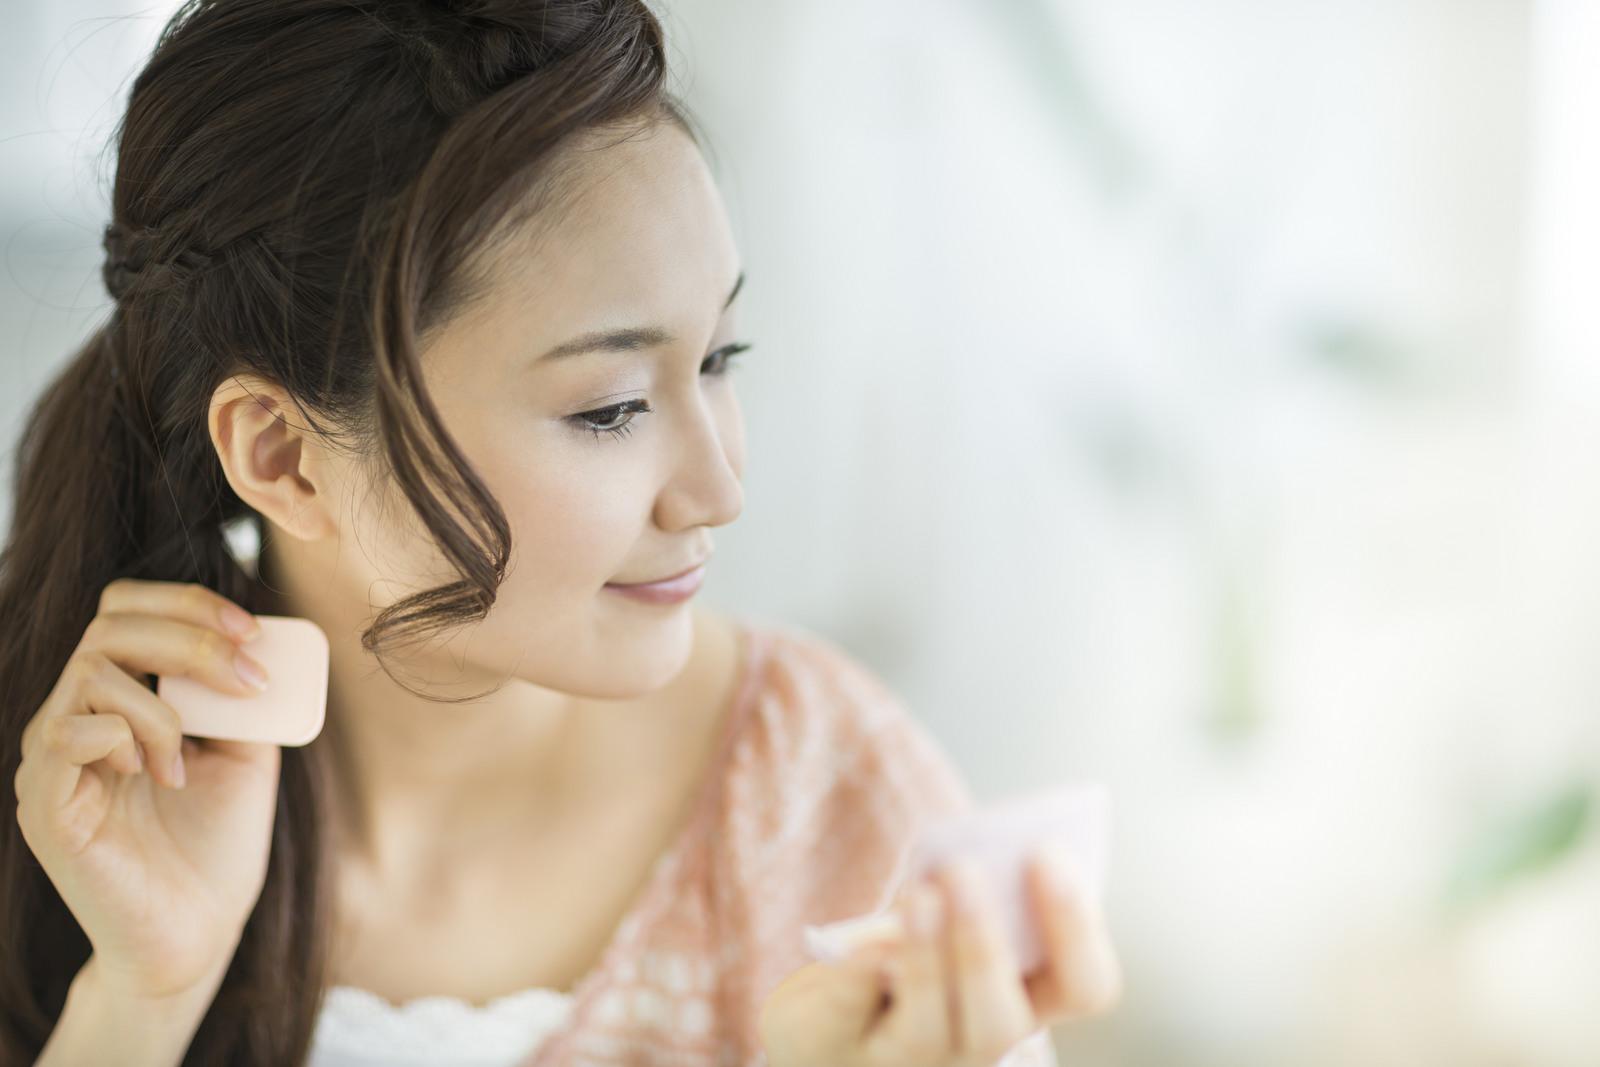 敏感肌でも安心して使える♪敏感肌用ファンデーションの選び方のサムネイル画像